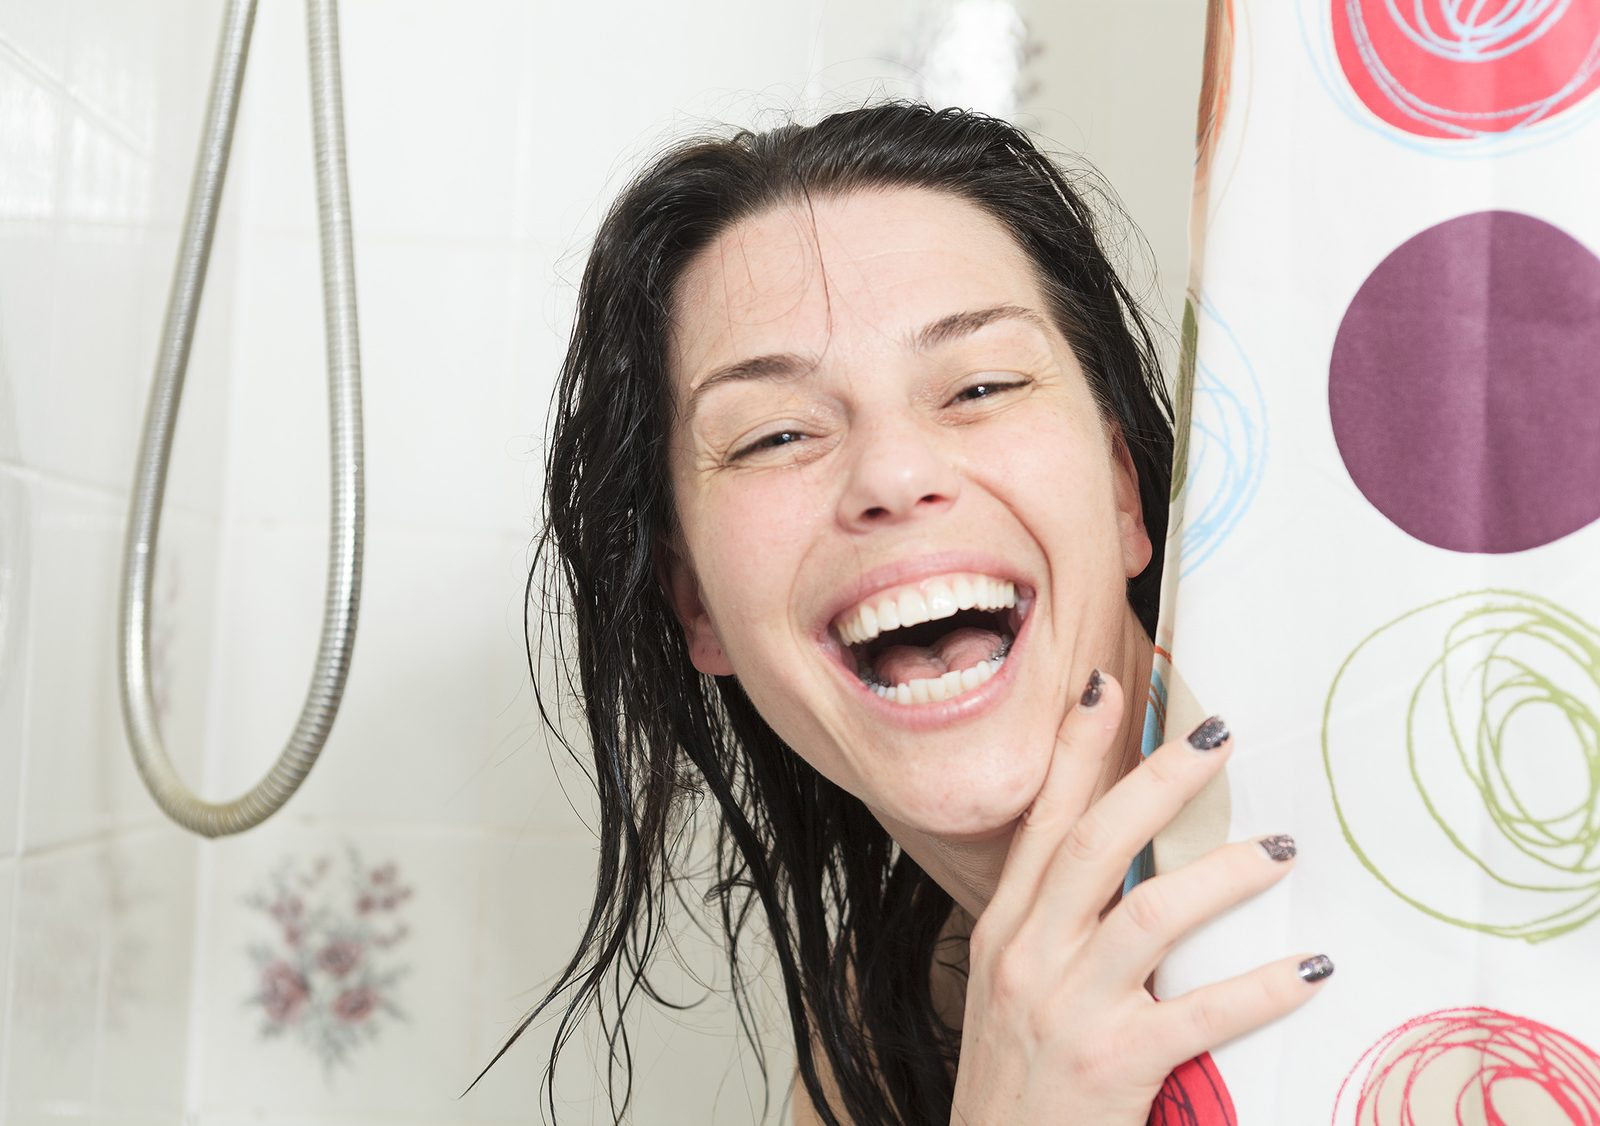 基礎代謝アップ!5分で冷えを撃退するシャワーの浴び方